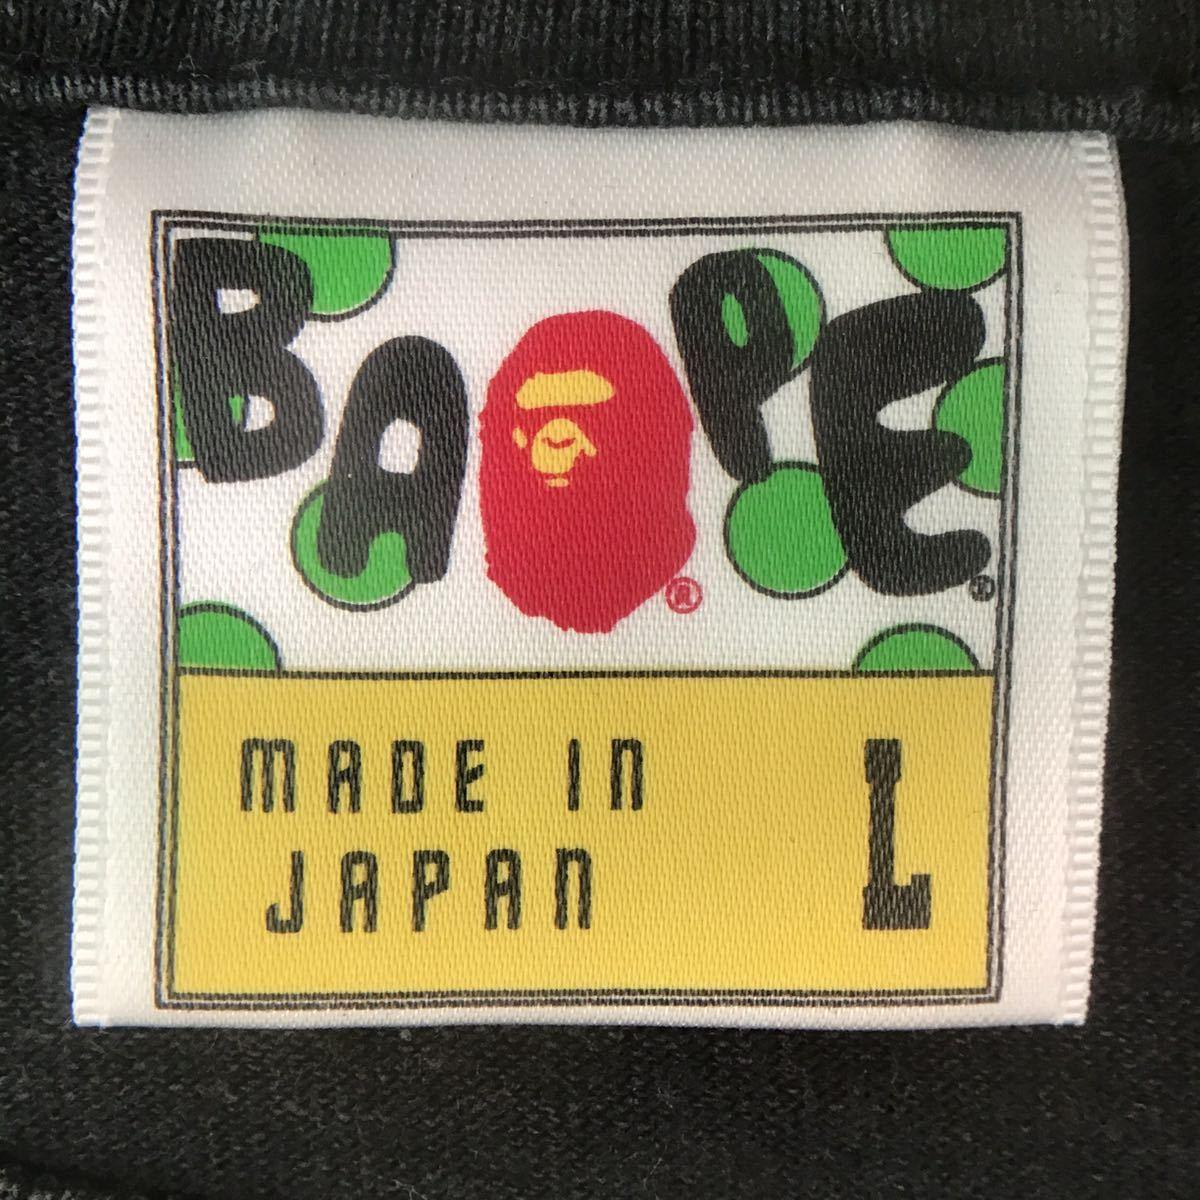 ★新潟限定★ niigata city camo mad face Tシャツ Lサイズ a bathing ape bape エイプ ベイプ アベイシングエイプ store limited color 12